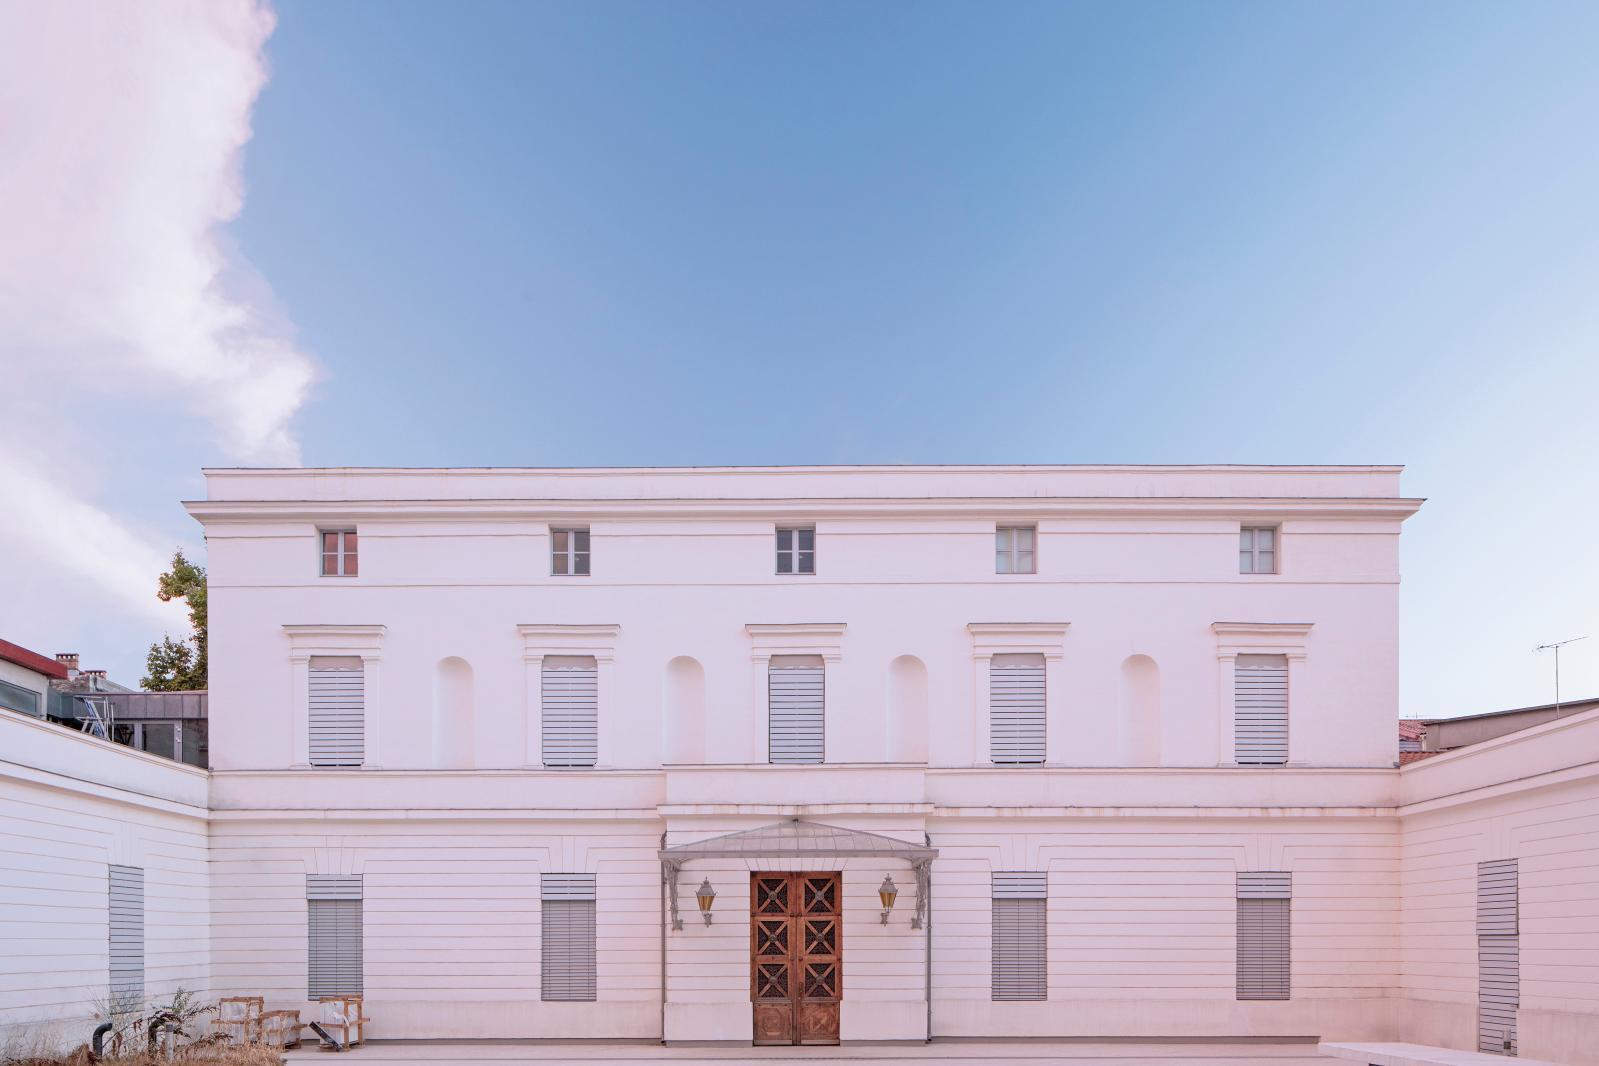 La façade de l'hôtel Montcalm, sur la rue Joffre.